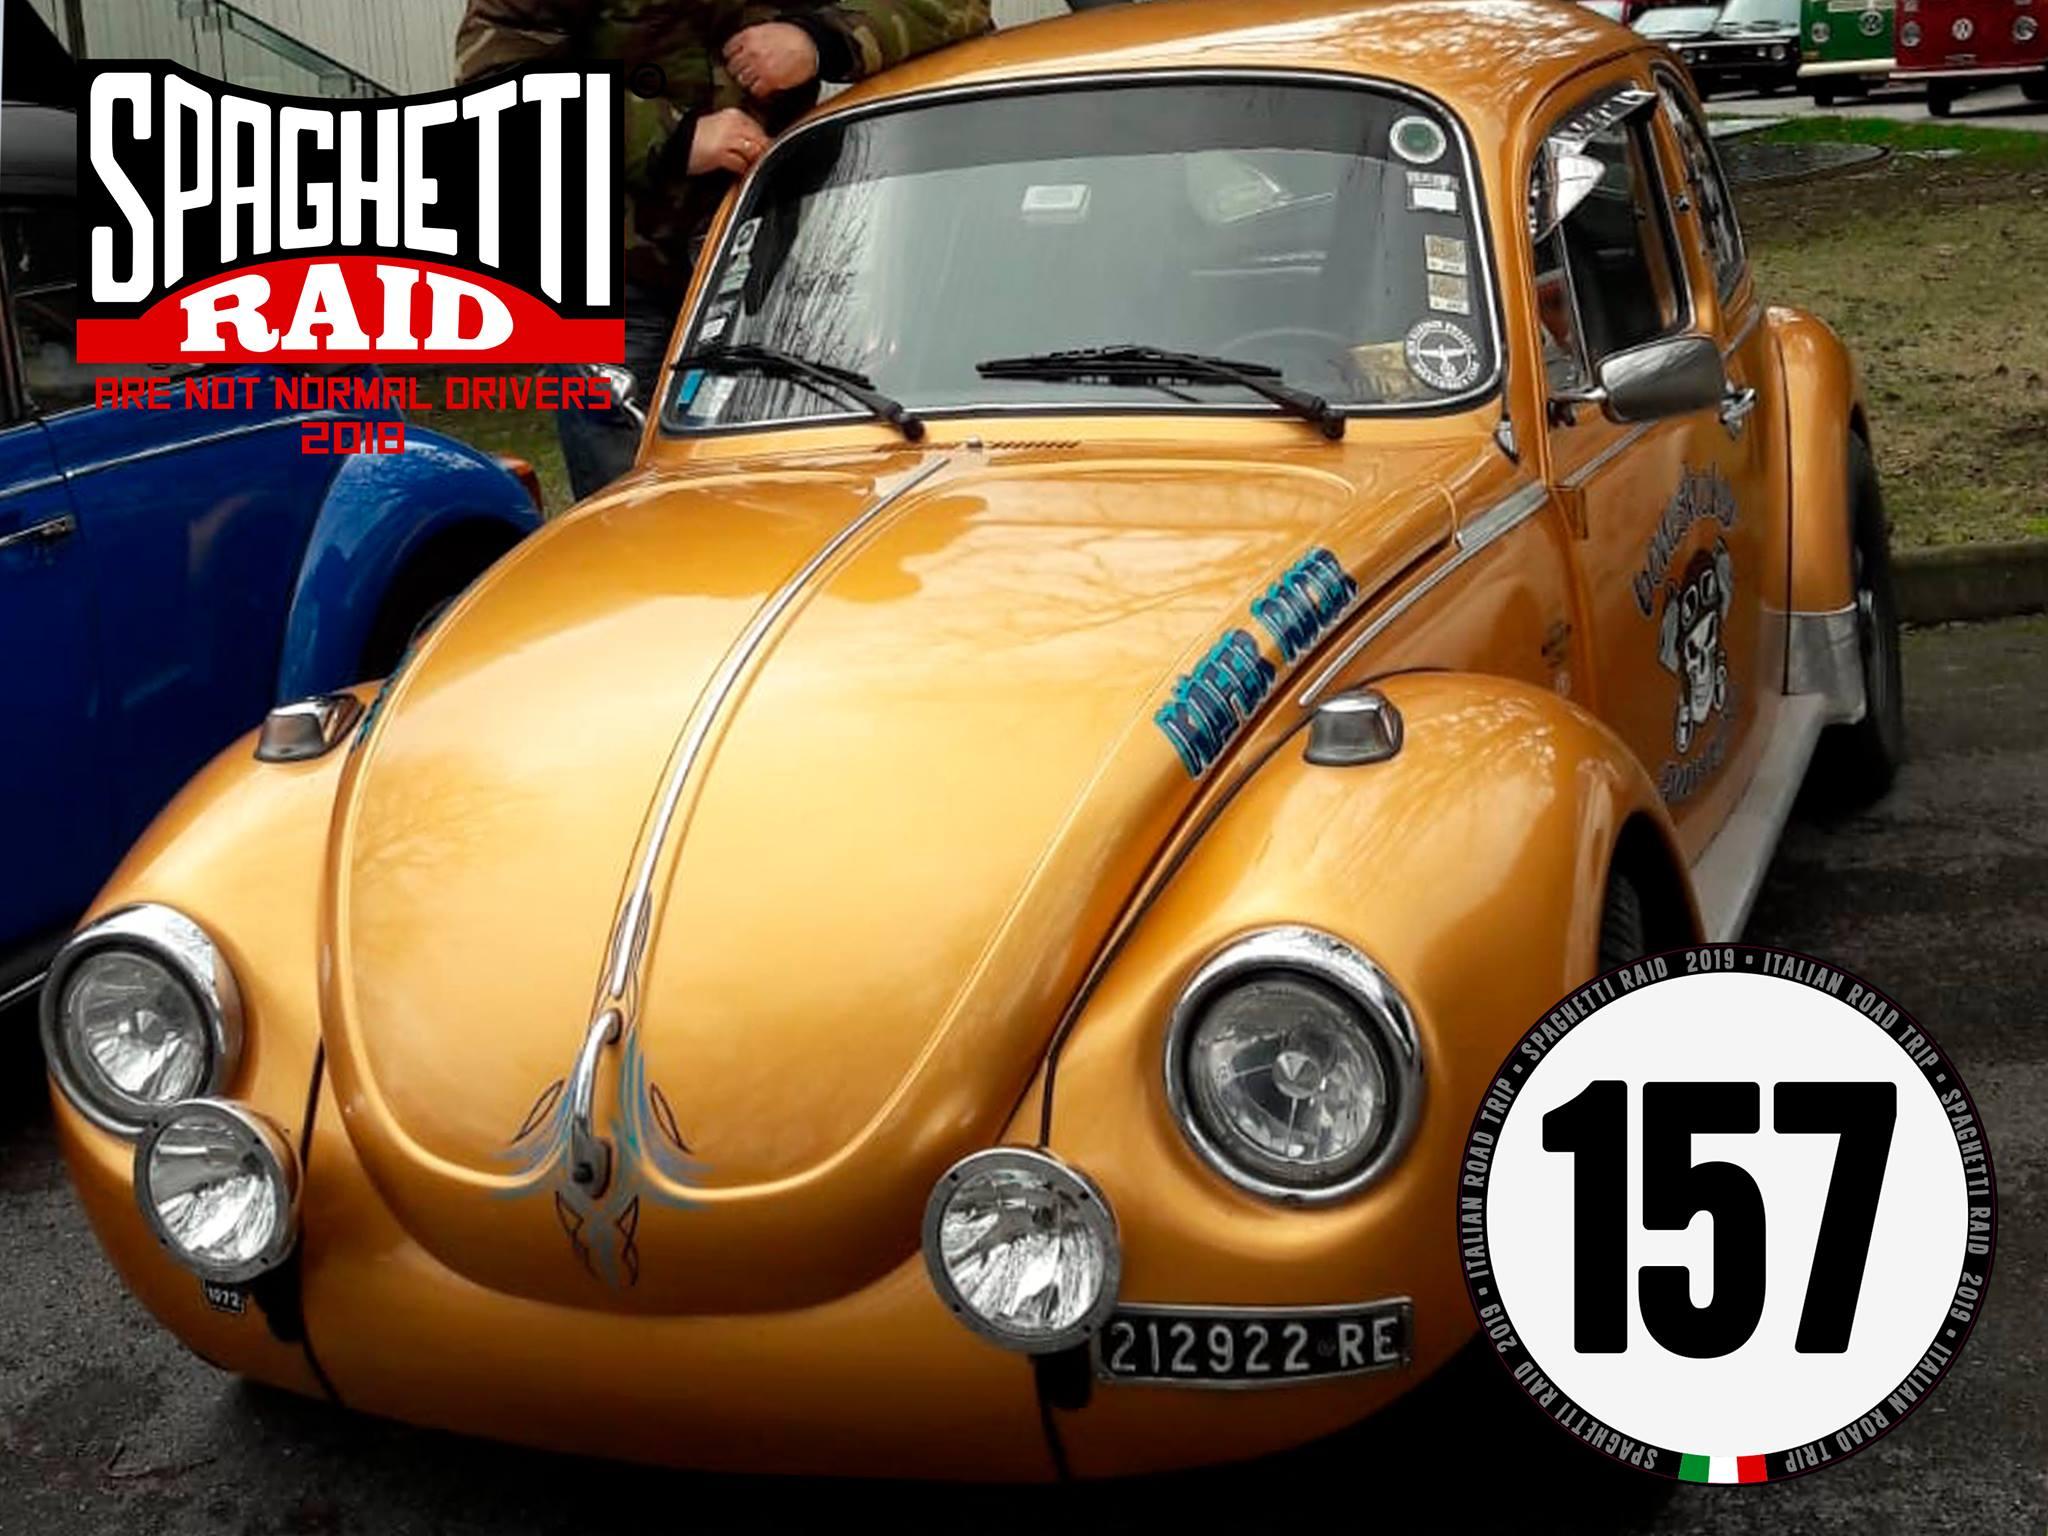 Team BONESHEKER GARAGE #157 VW MAGGIOLONE 1303cc del '72 Città: Reggio Emilia